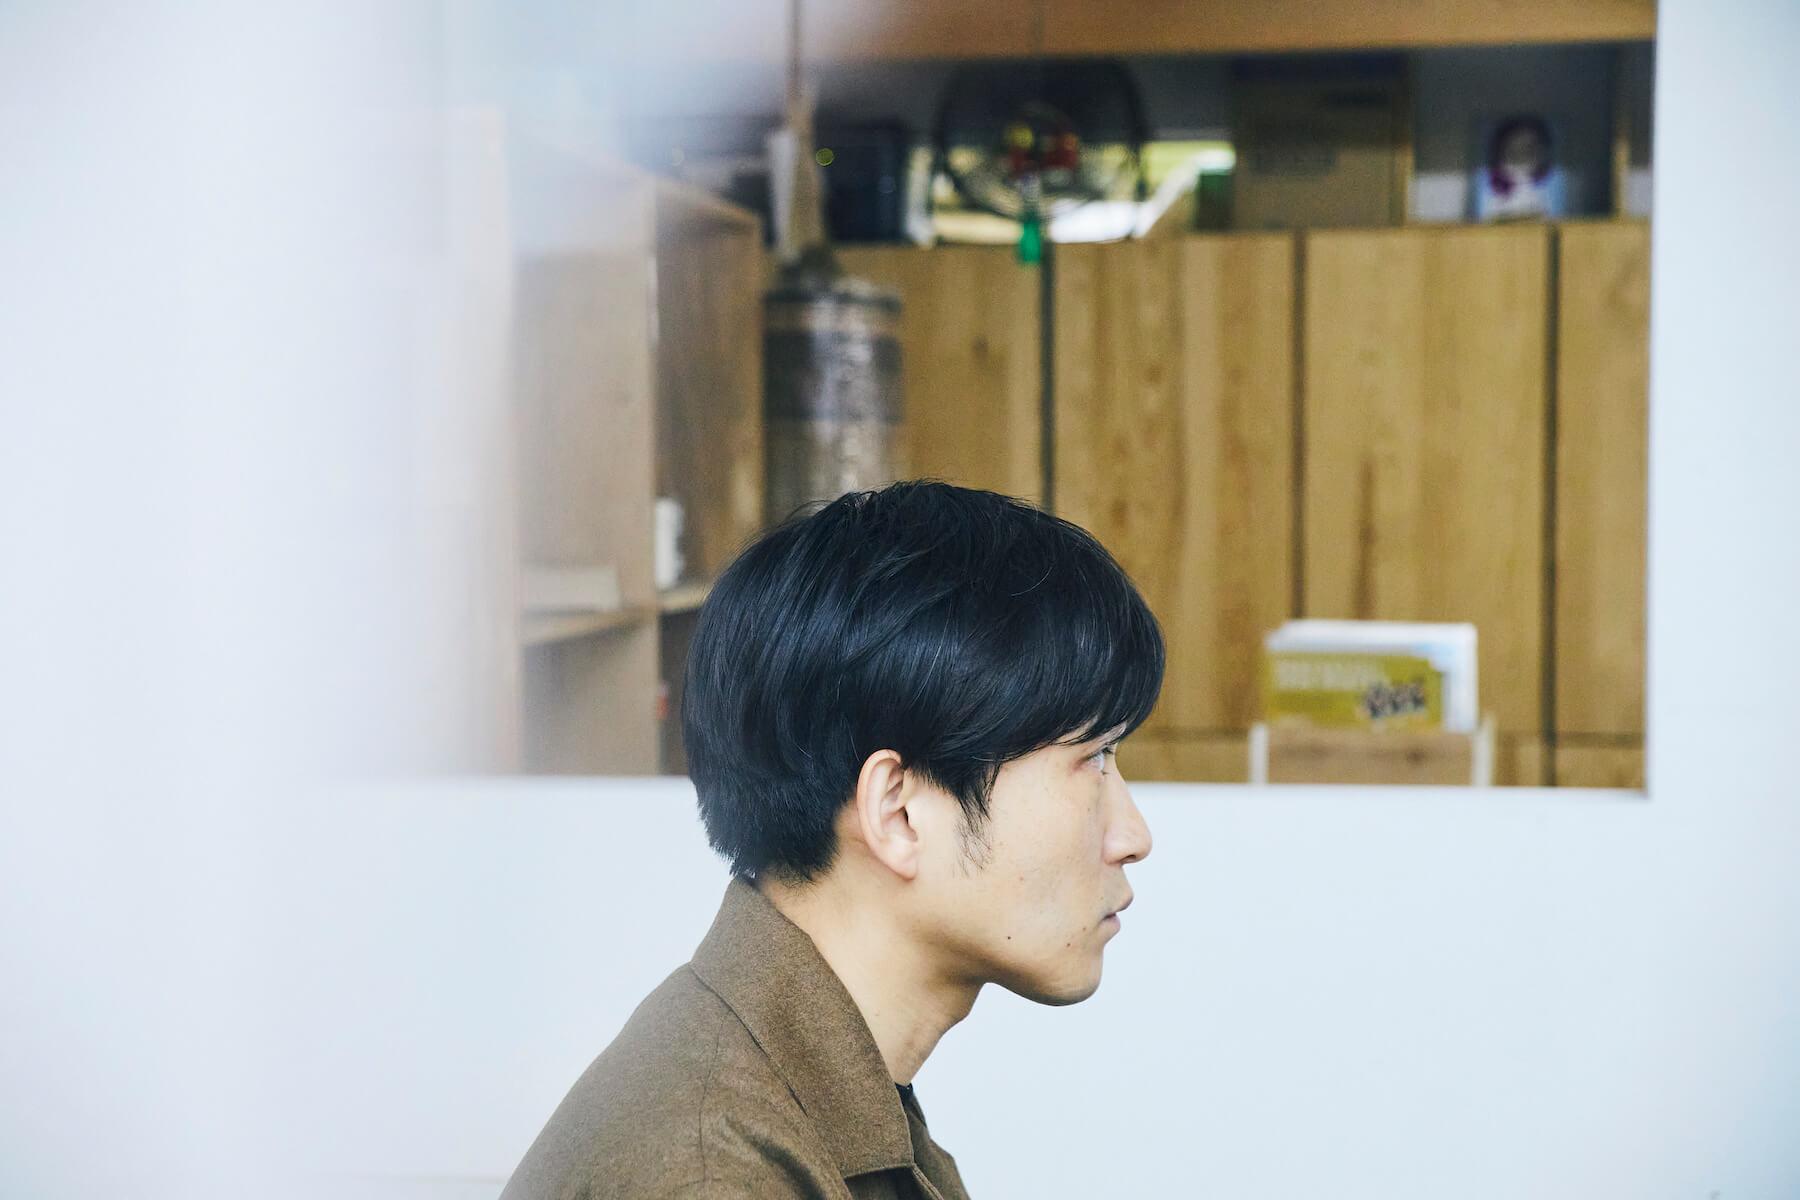 映像作家・河合宏樹 × 音楽家・蓮沼執太|『True Colors FASHION』で「当事者」と向き合った先にある気づき interview210625_shuta-hasunuma_hiroki-kawai-re-4